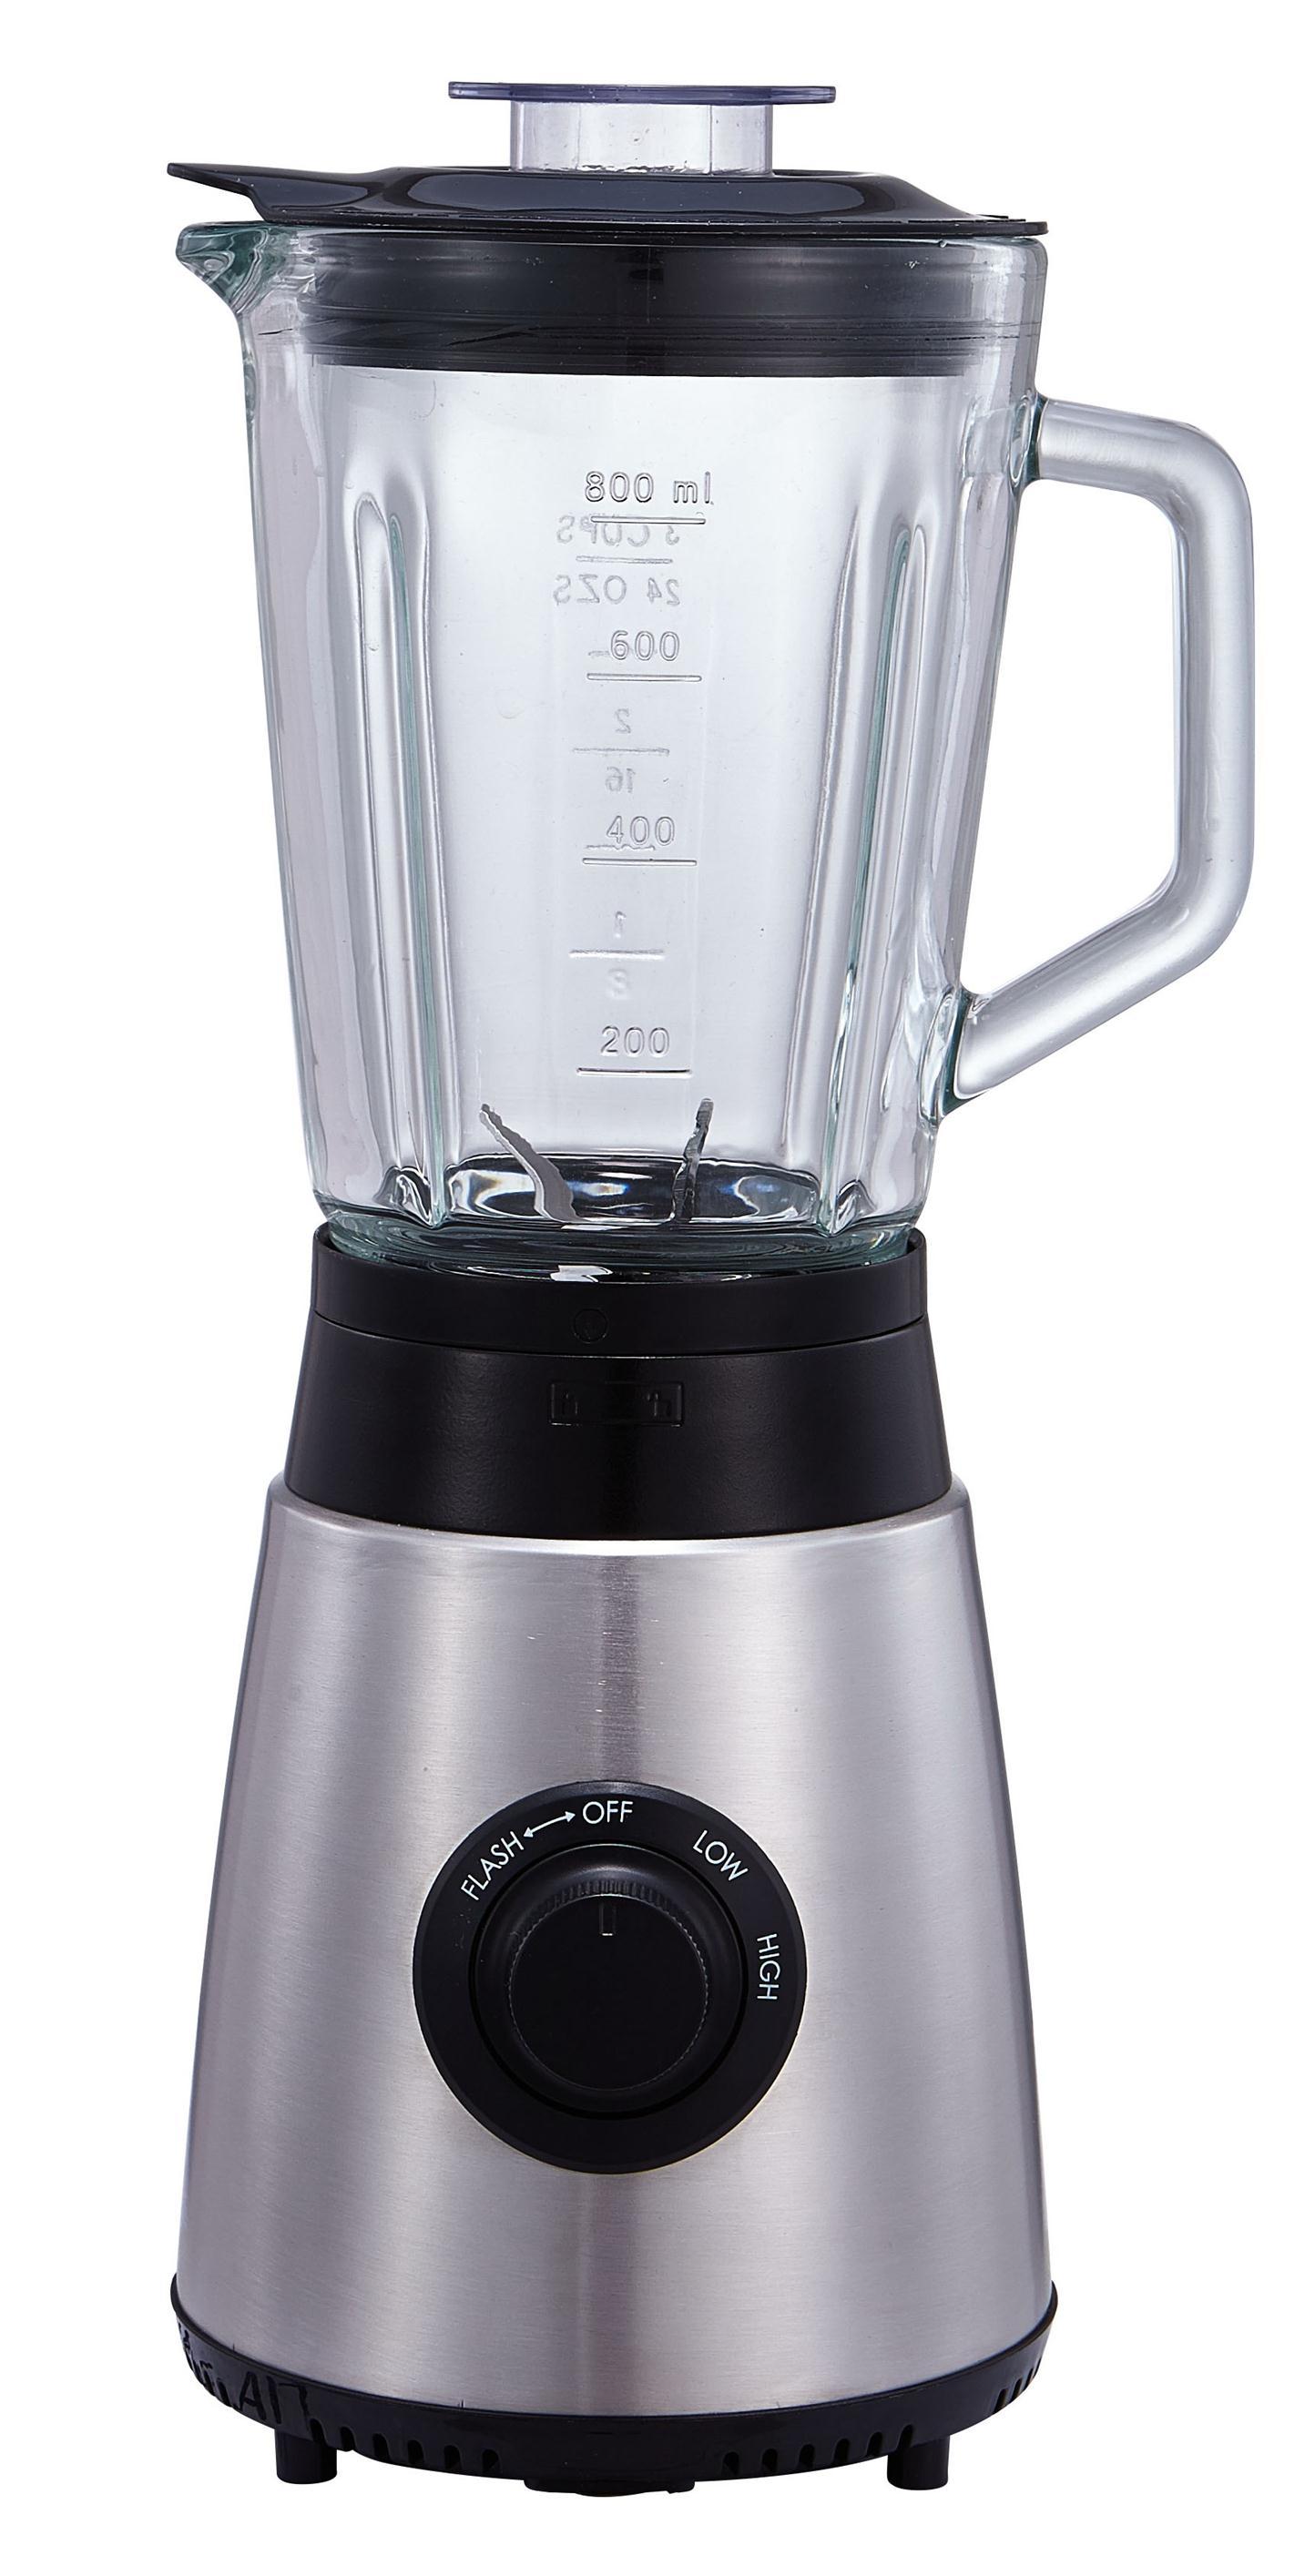 smoothie mixer clas ohlson